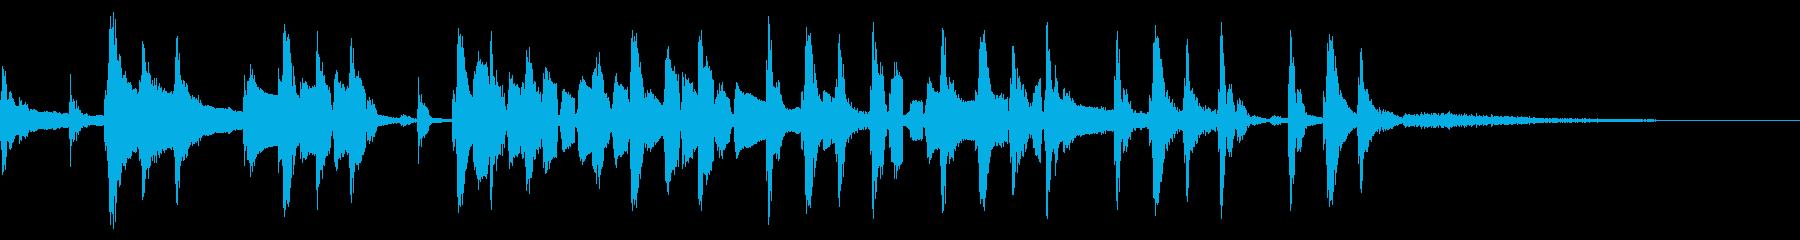 テイクファイブ風のテナーサックスの再生済みの波形